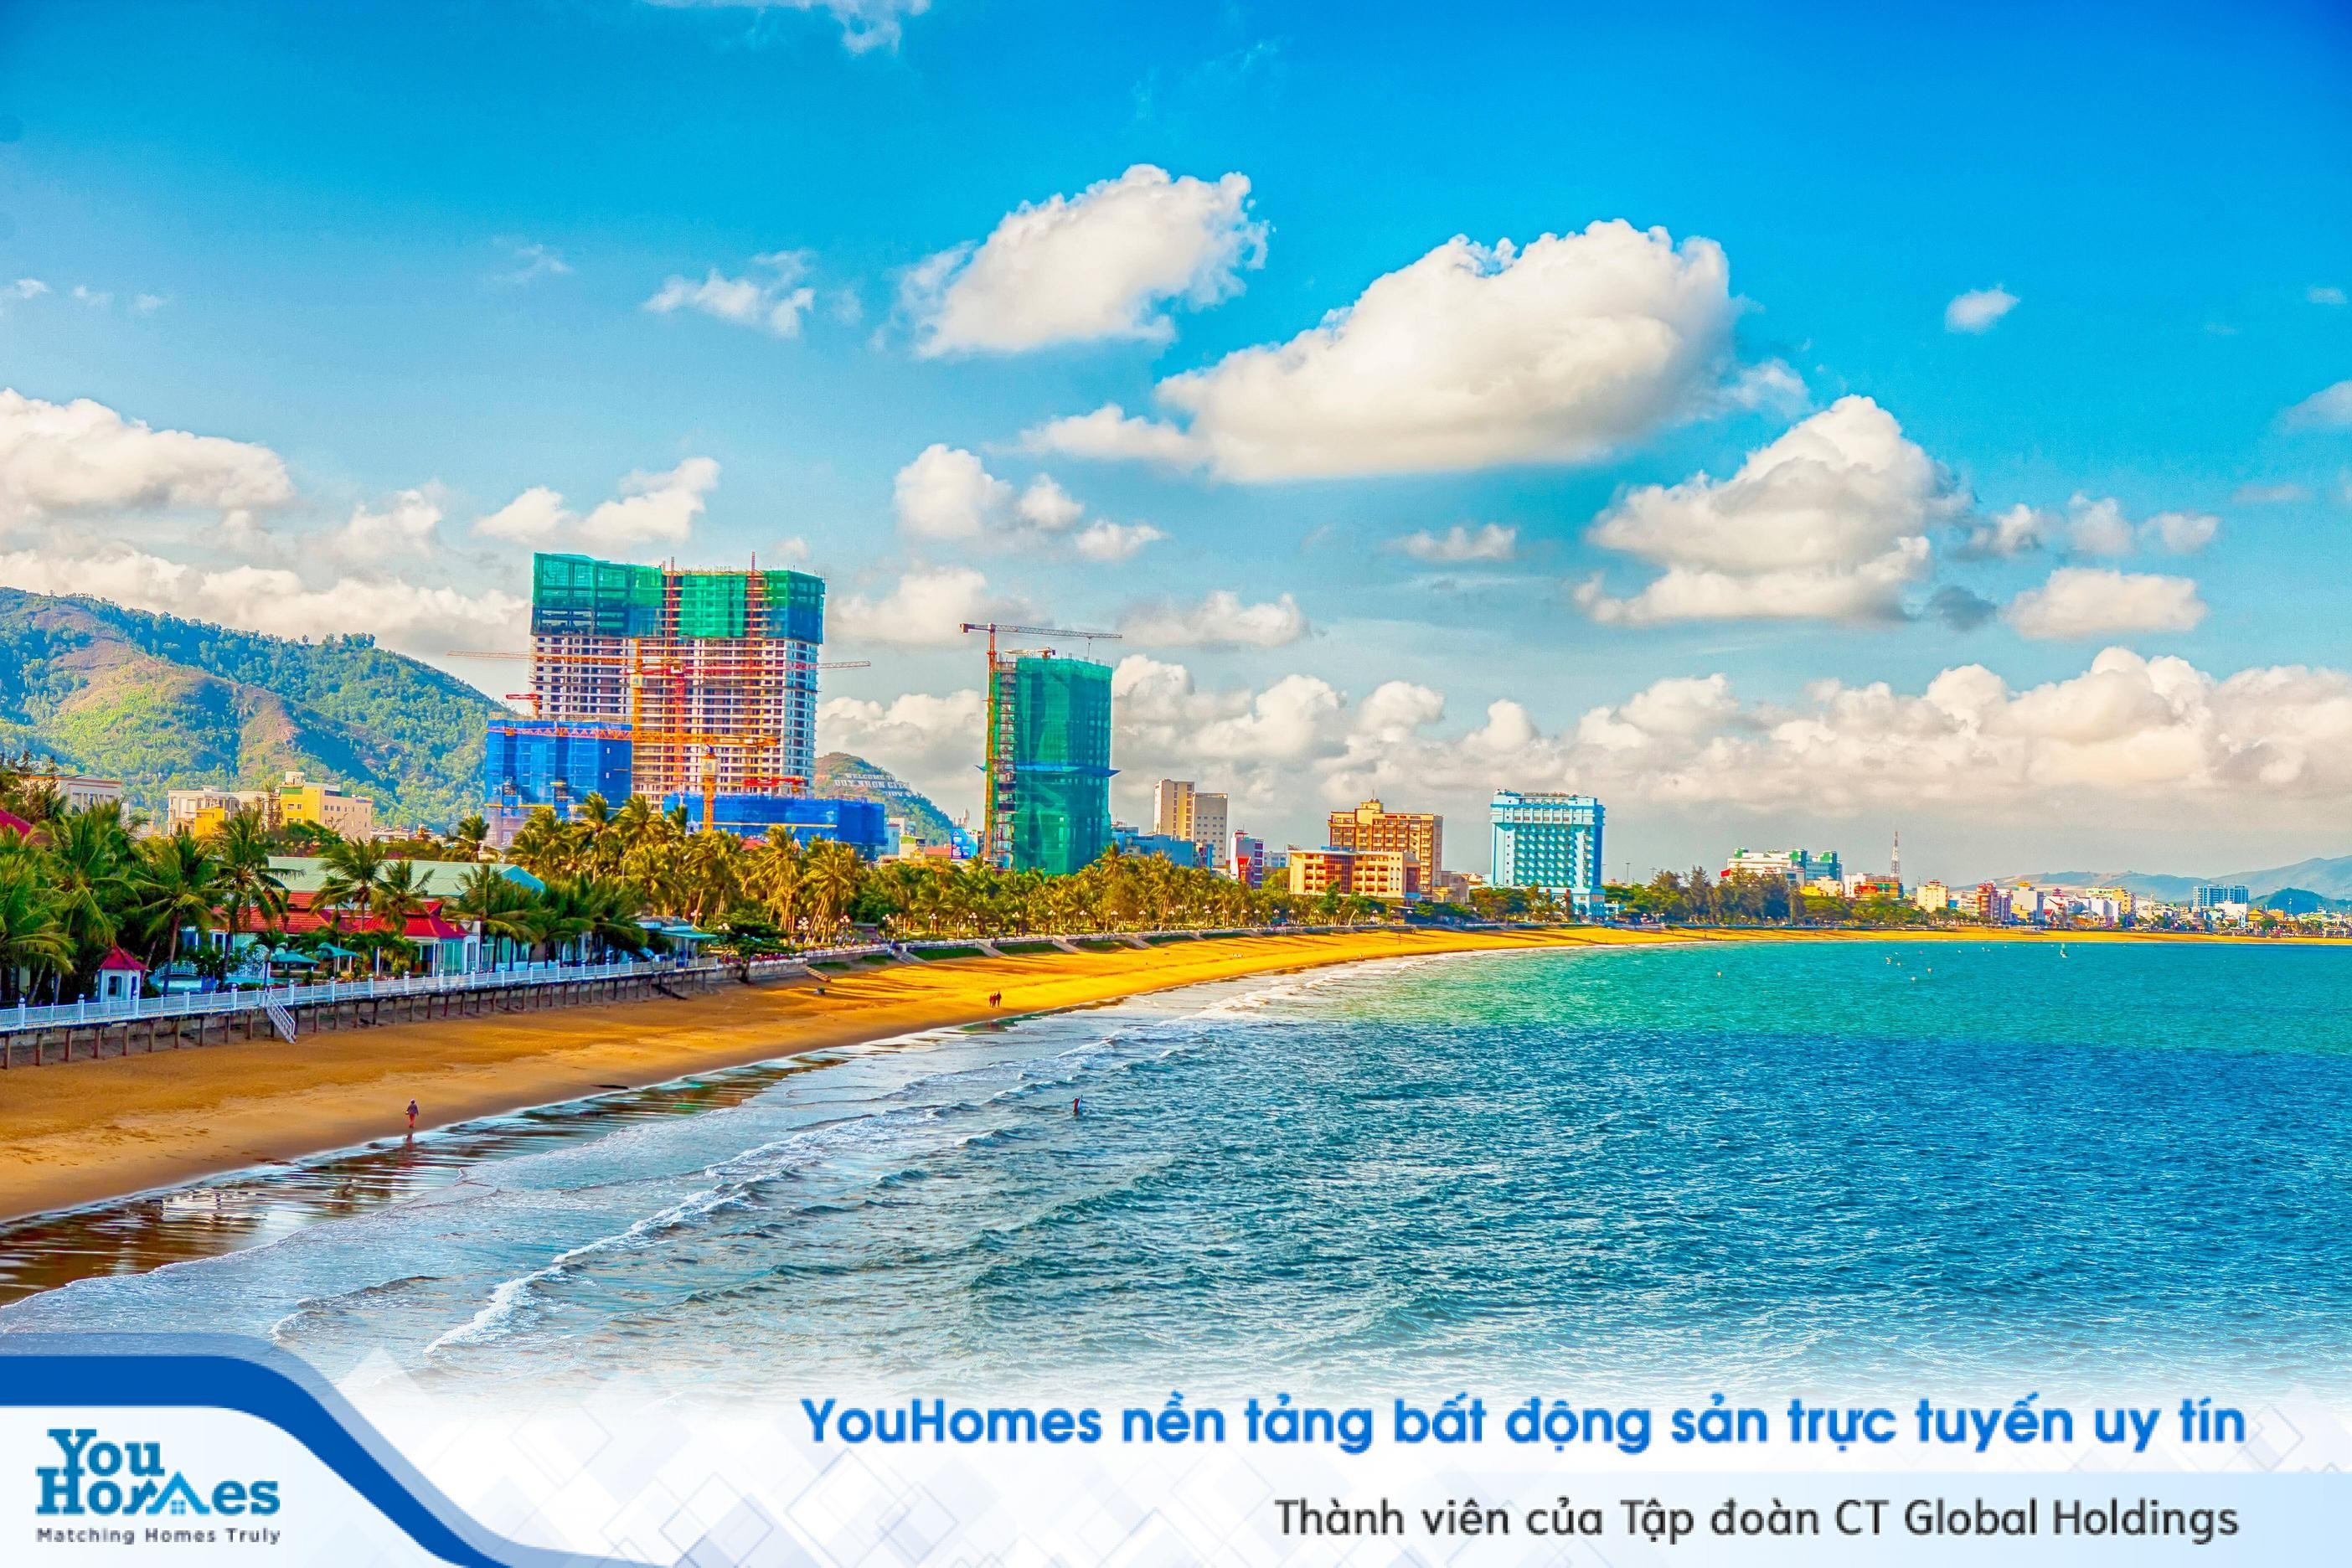 Tương lai mới cho thị trường BĐS tại Quy Nhơn